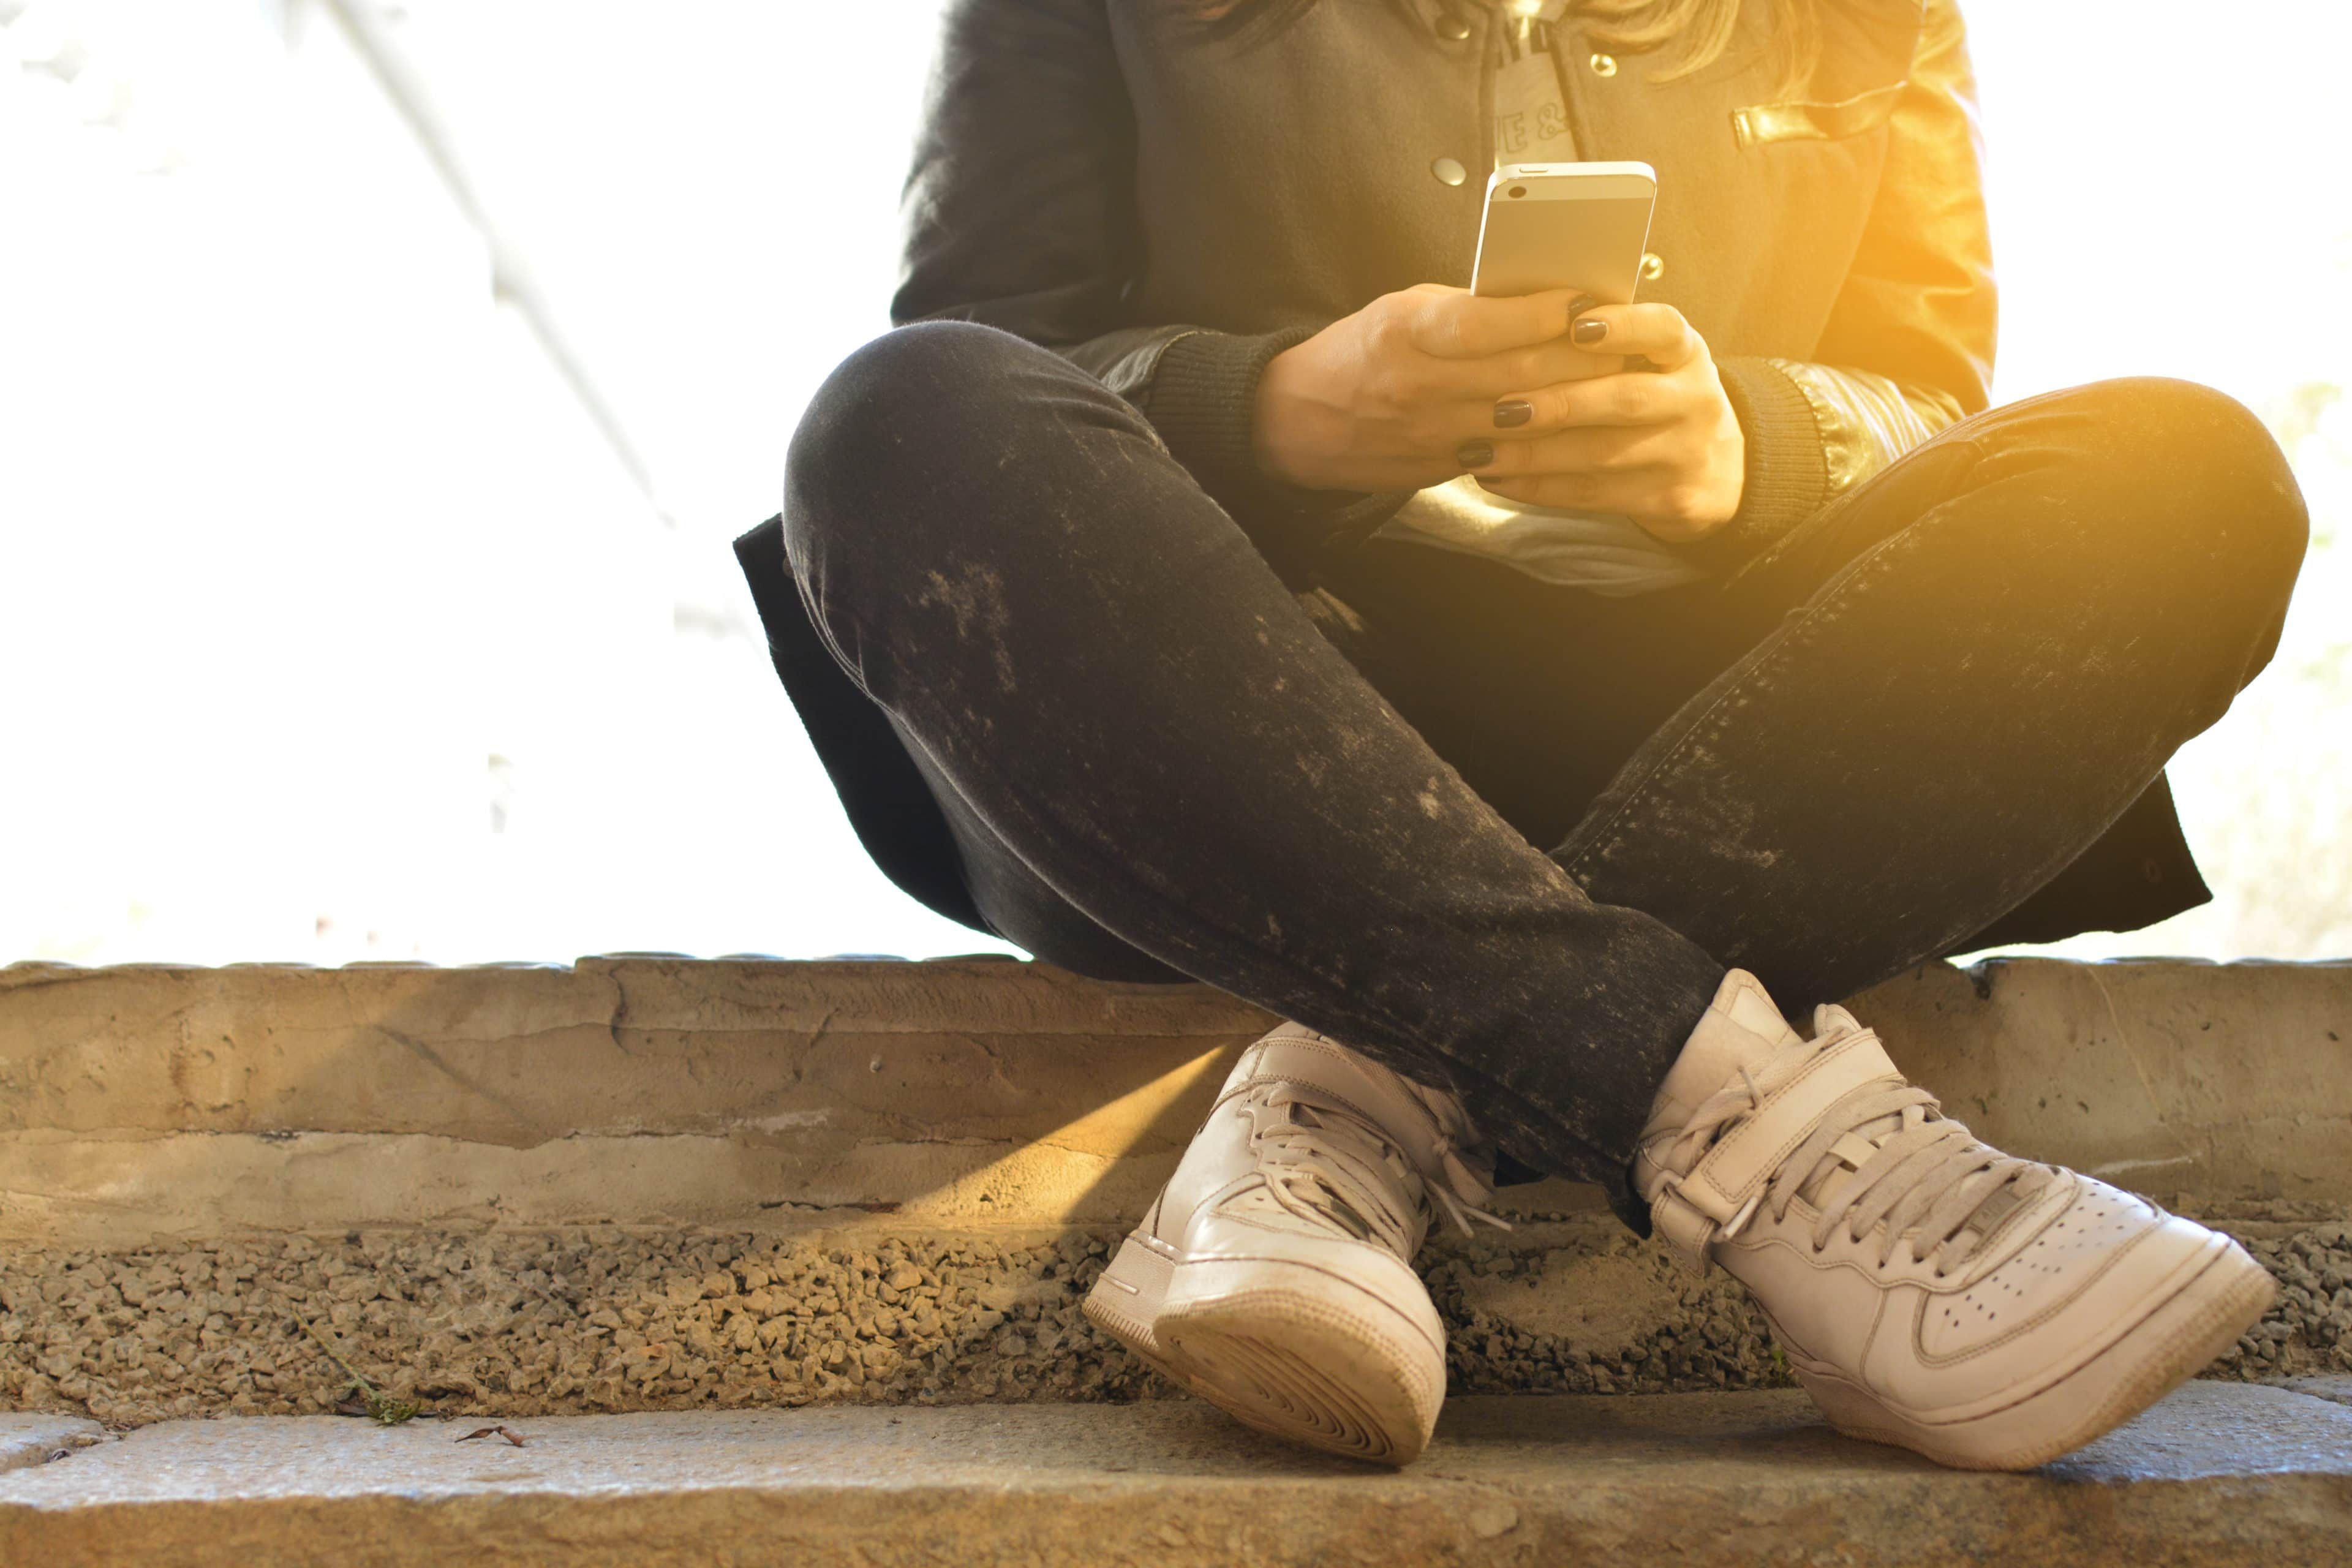 Teeny Sexfalle Instagram Und Snapchat 19 Jahriger Festgenommen